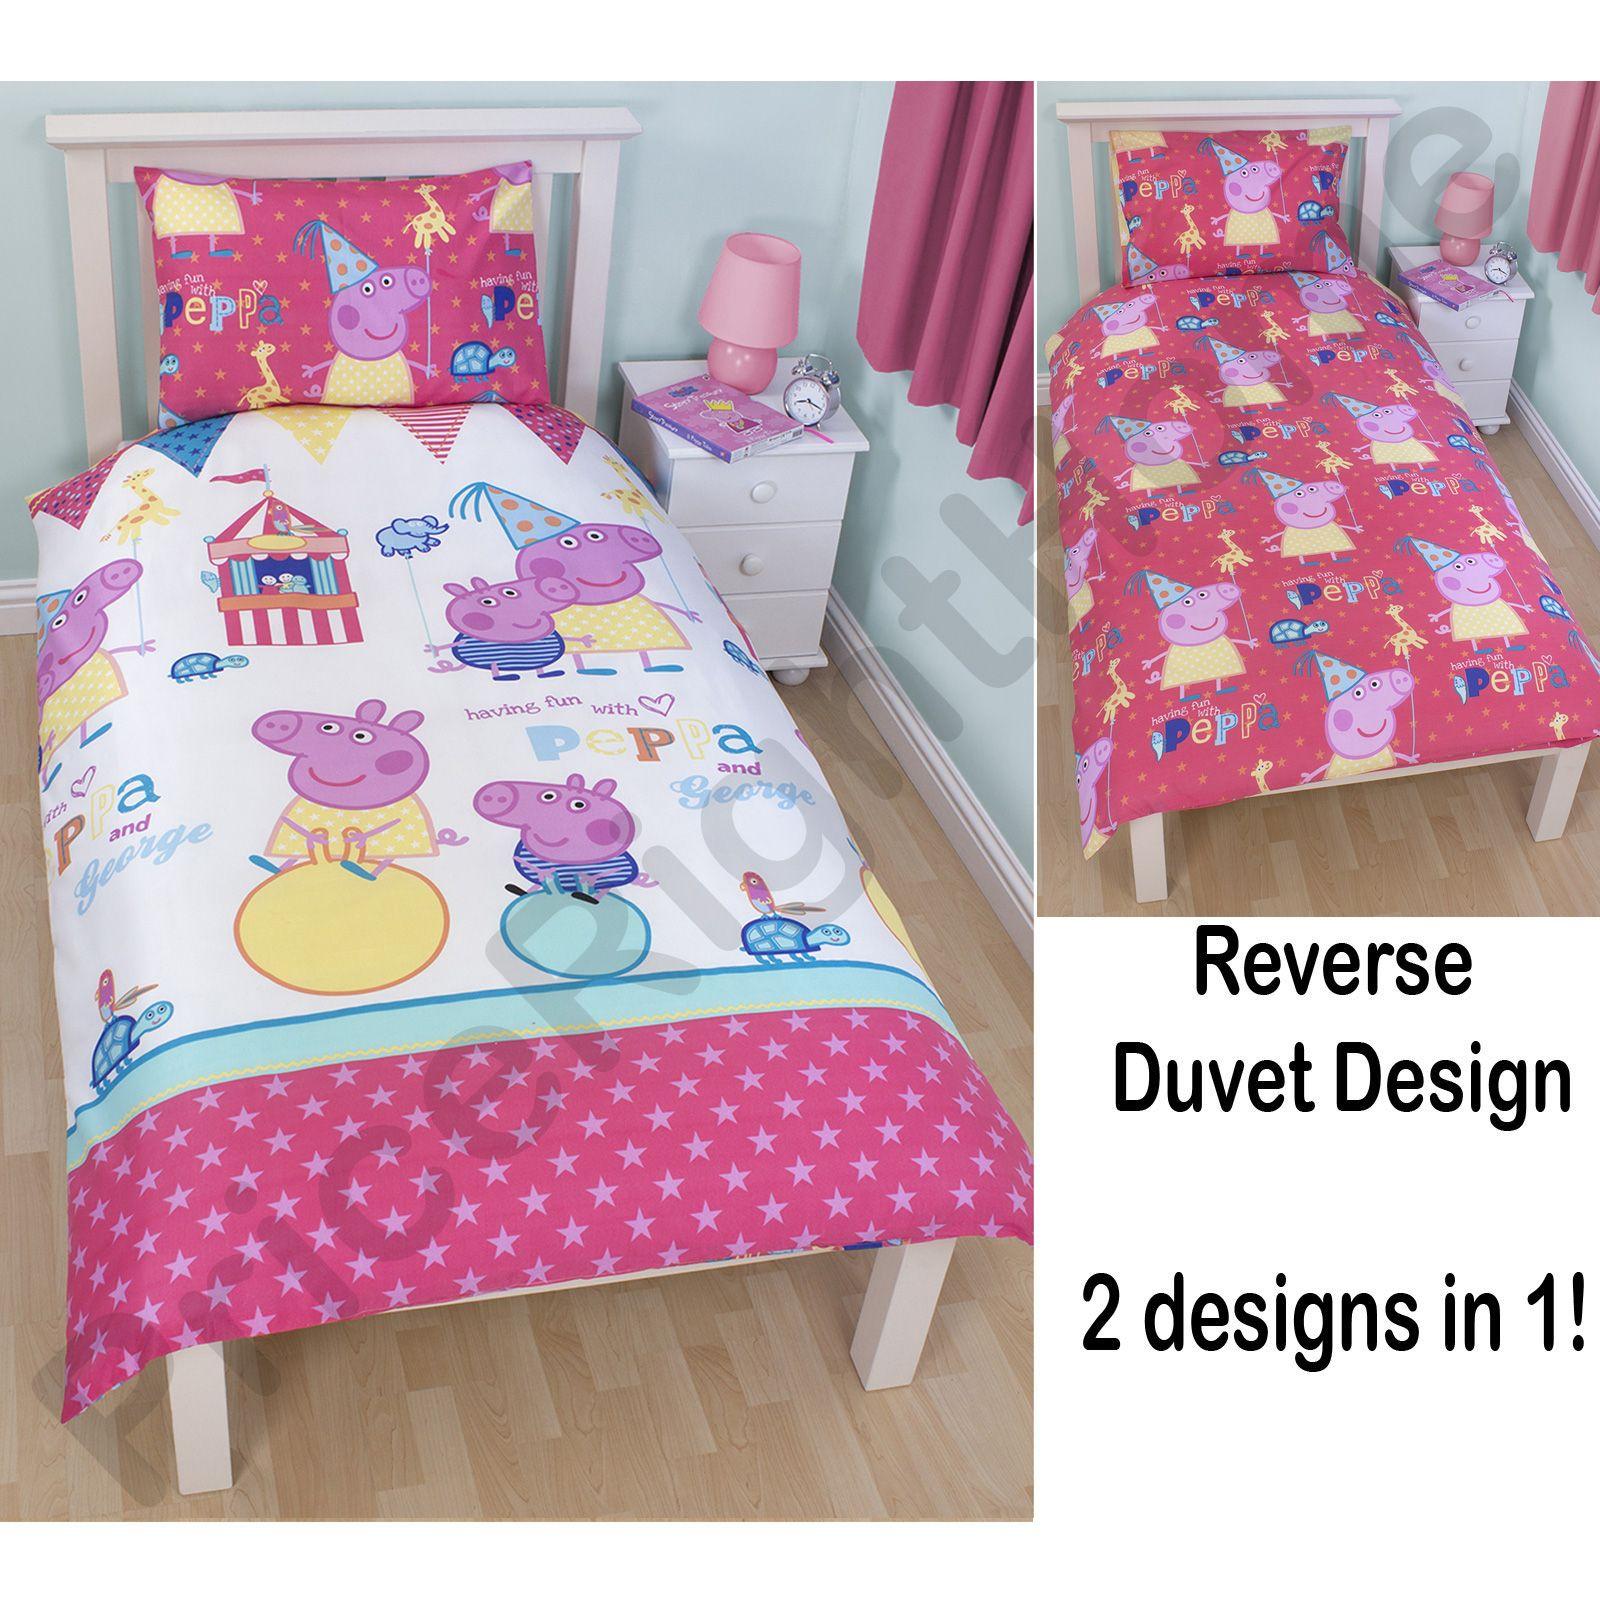 Peppa Pig Bedroom Accessories Peppa Pig Funfair Bedroom Range Duvet Covers Junior Bedding